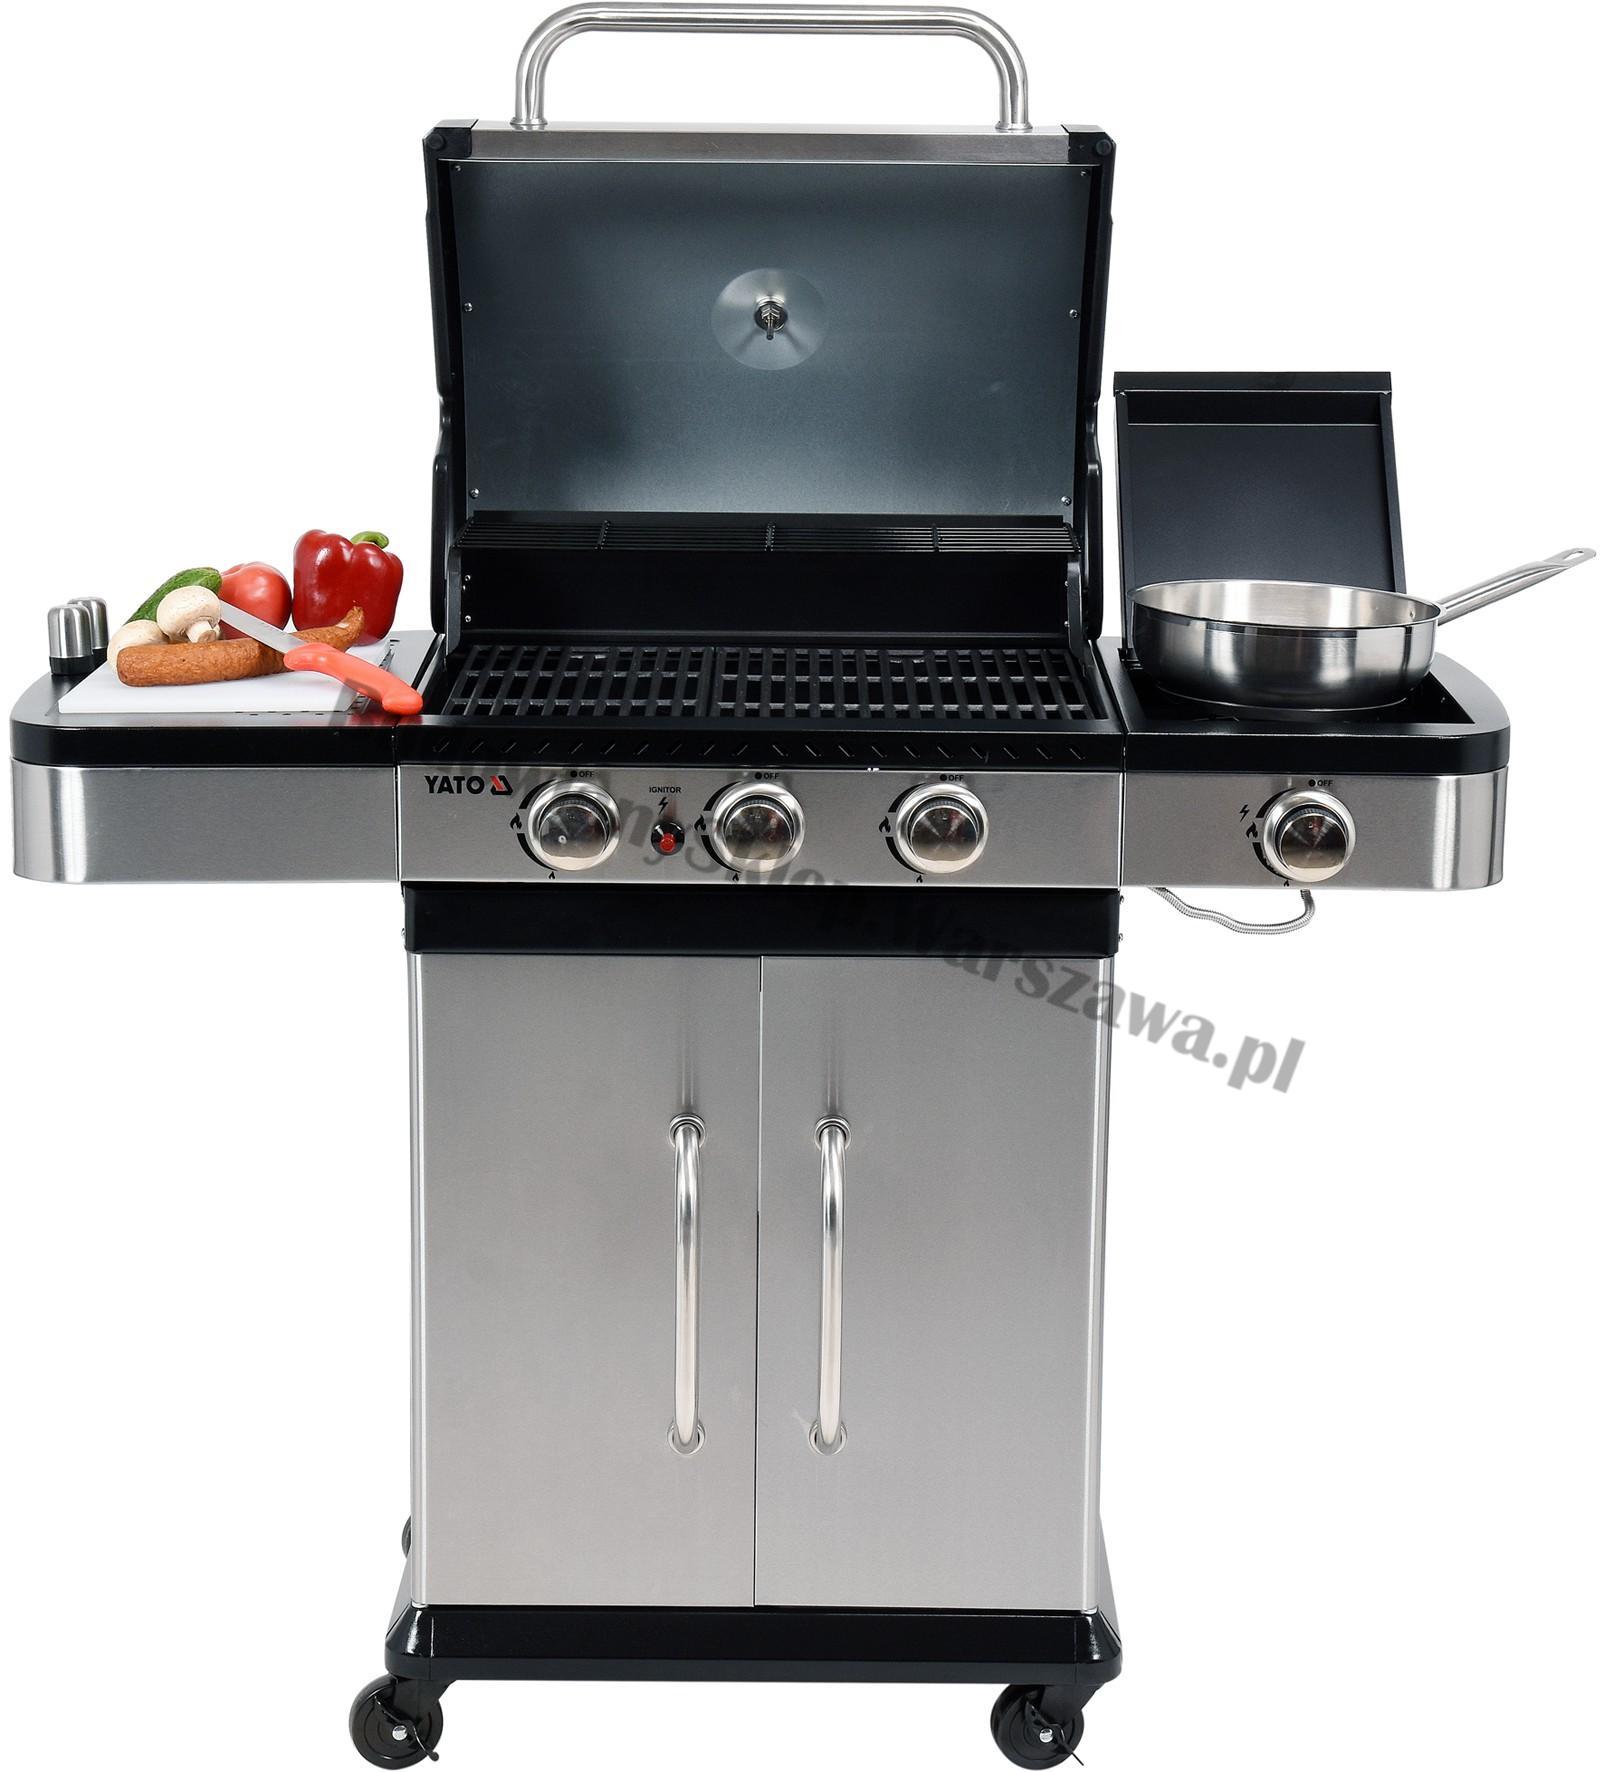 Profesjonalny grill gazowy YG-20002 10,6kw Toya